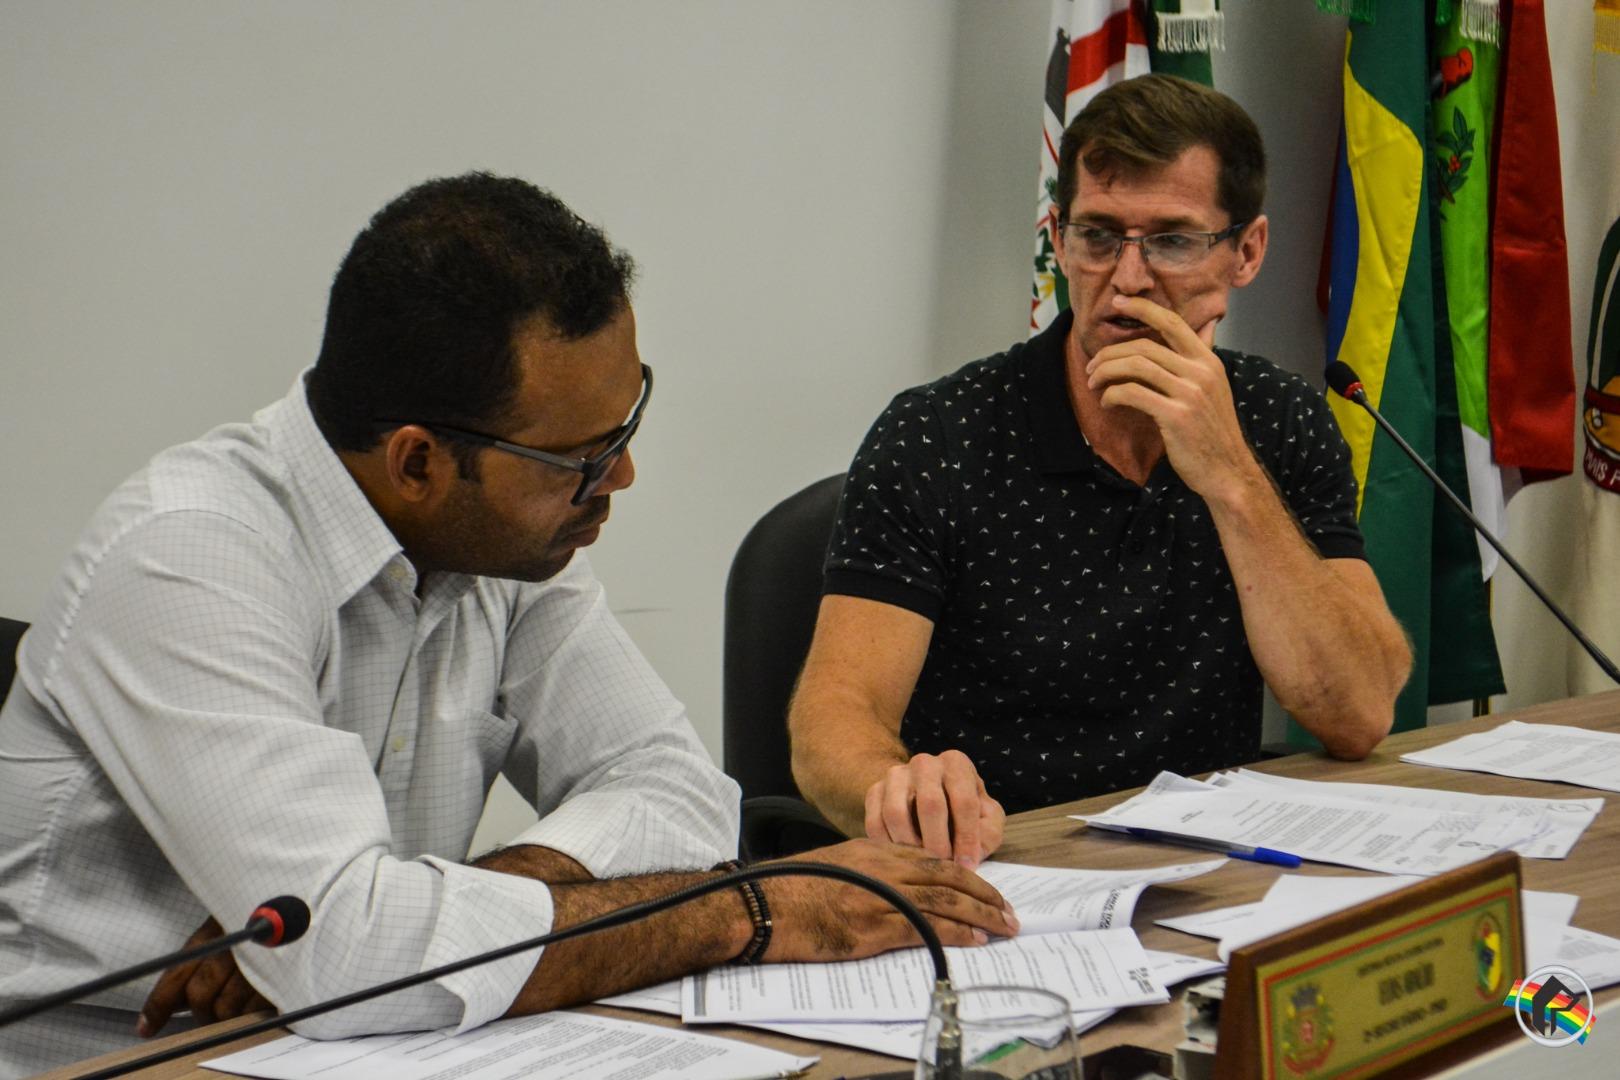 Vereador pede que prefeito disponibilize outdoors para divulgação de festas de interior